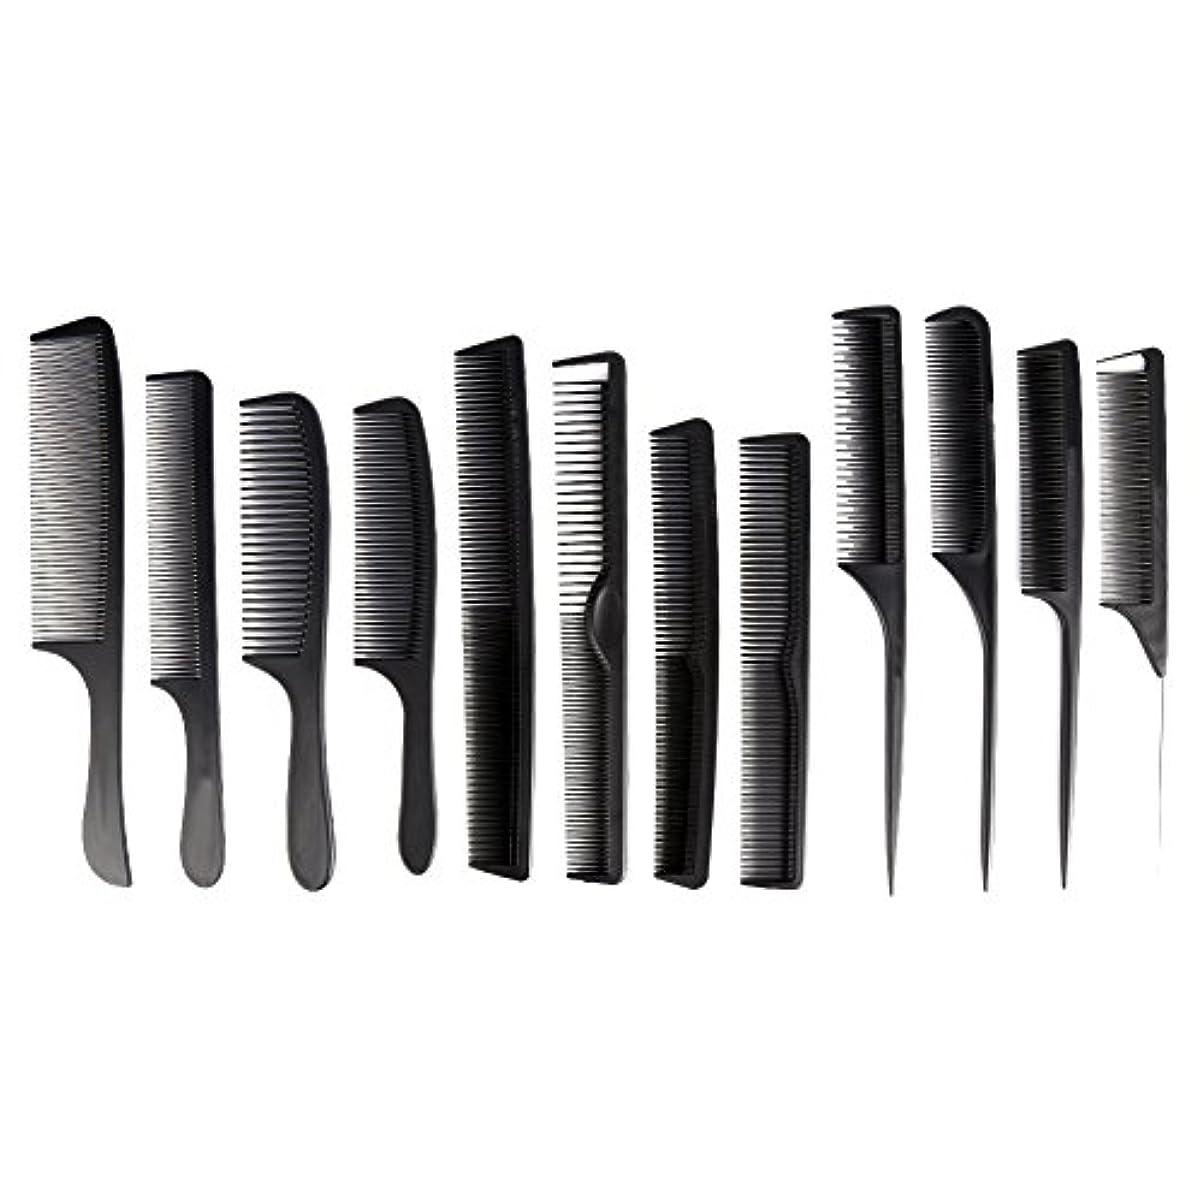 革命作家予定カットコーム 散髪用コーム コームセット12点セット プロ用ヘアコーム  静電気減少 軽量 サロン/美容室/床屋など適用